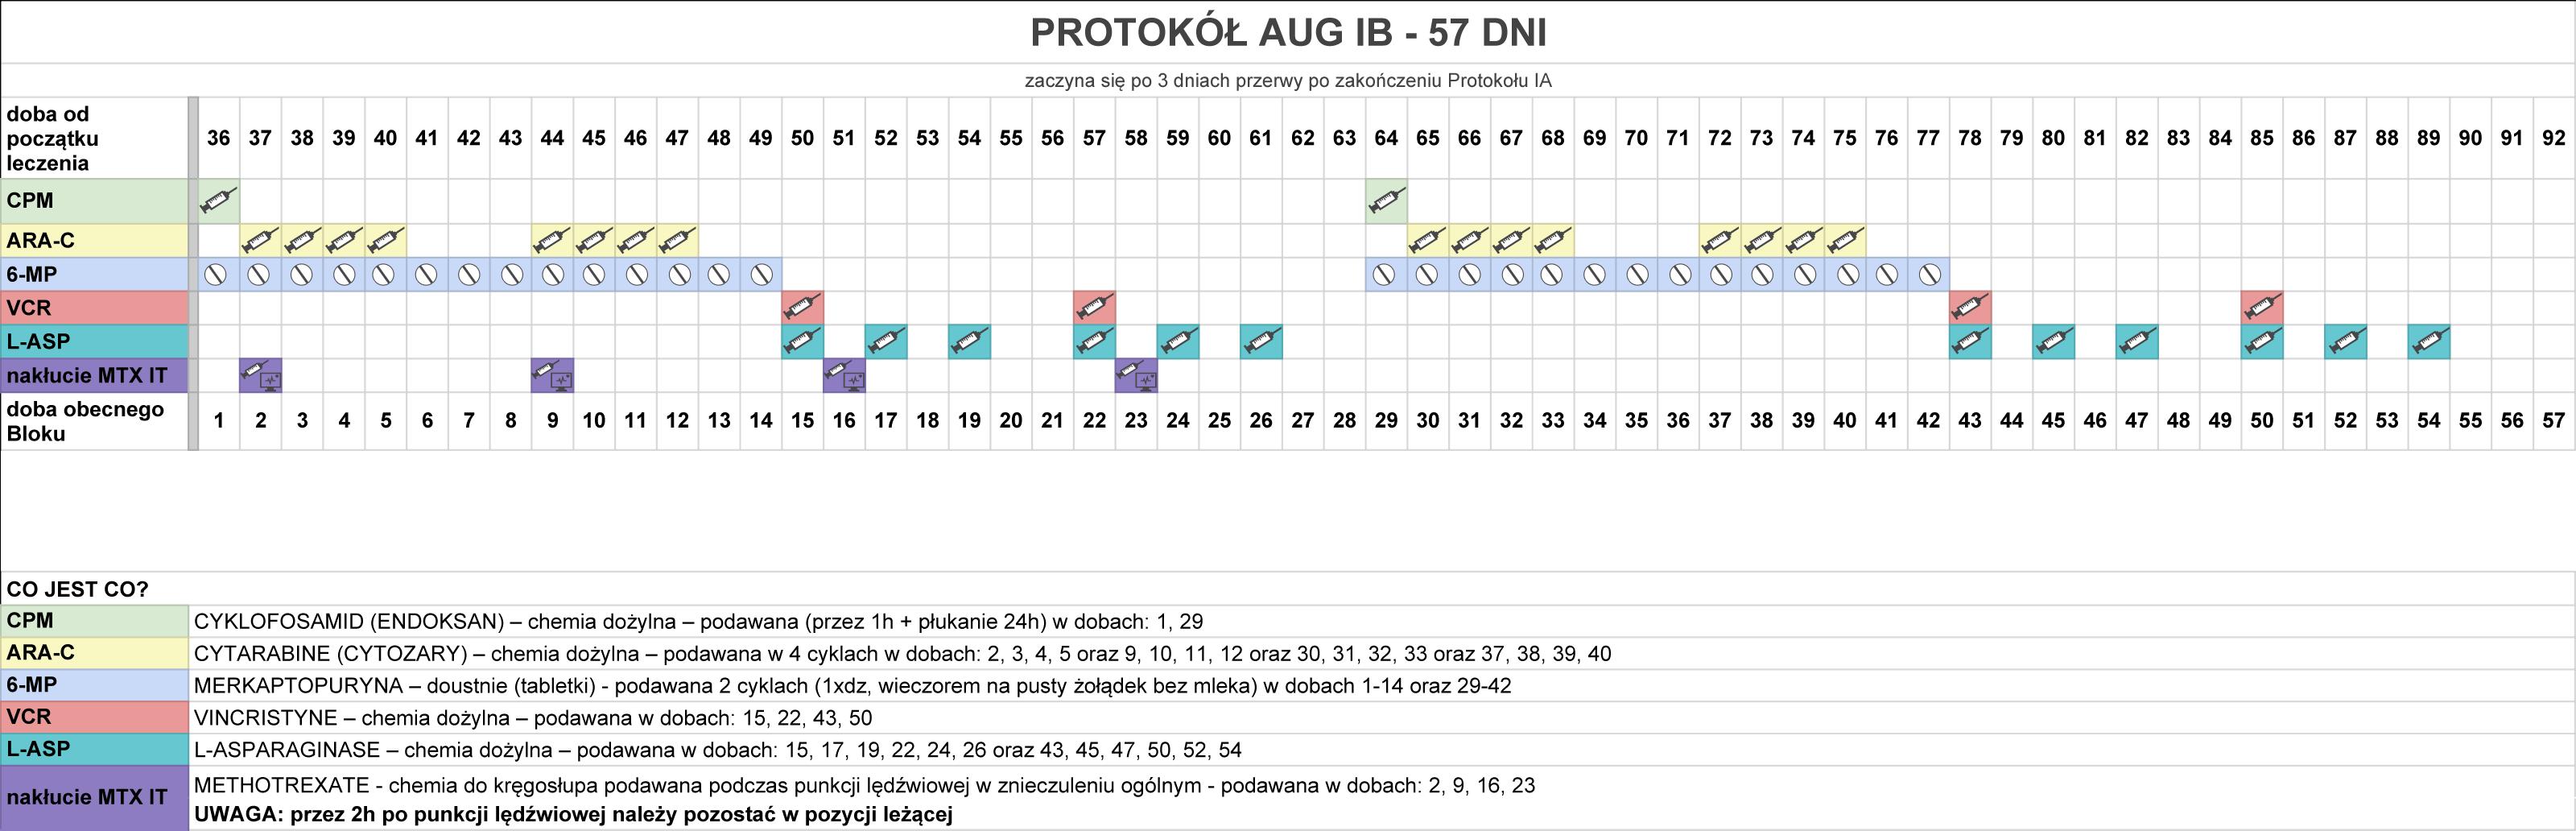 protokol-aug-ib